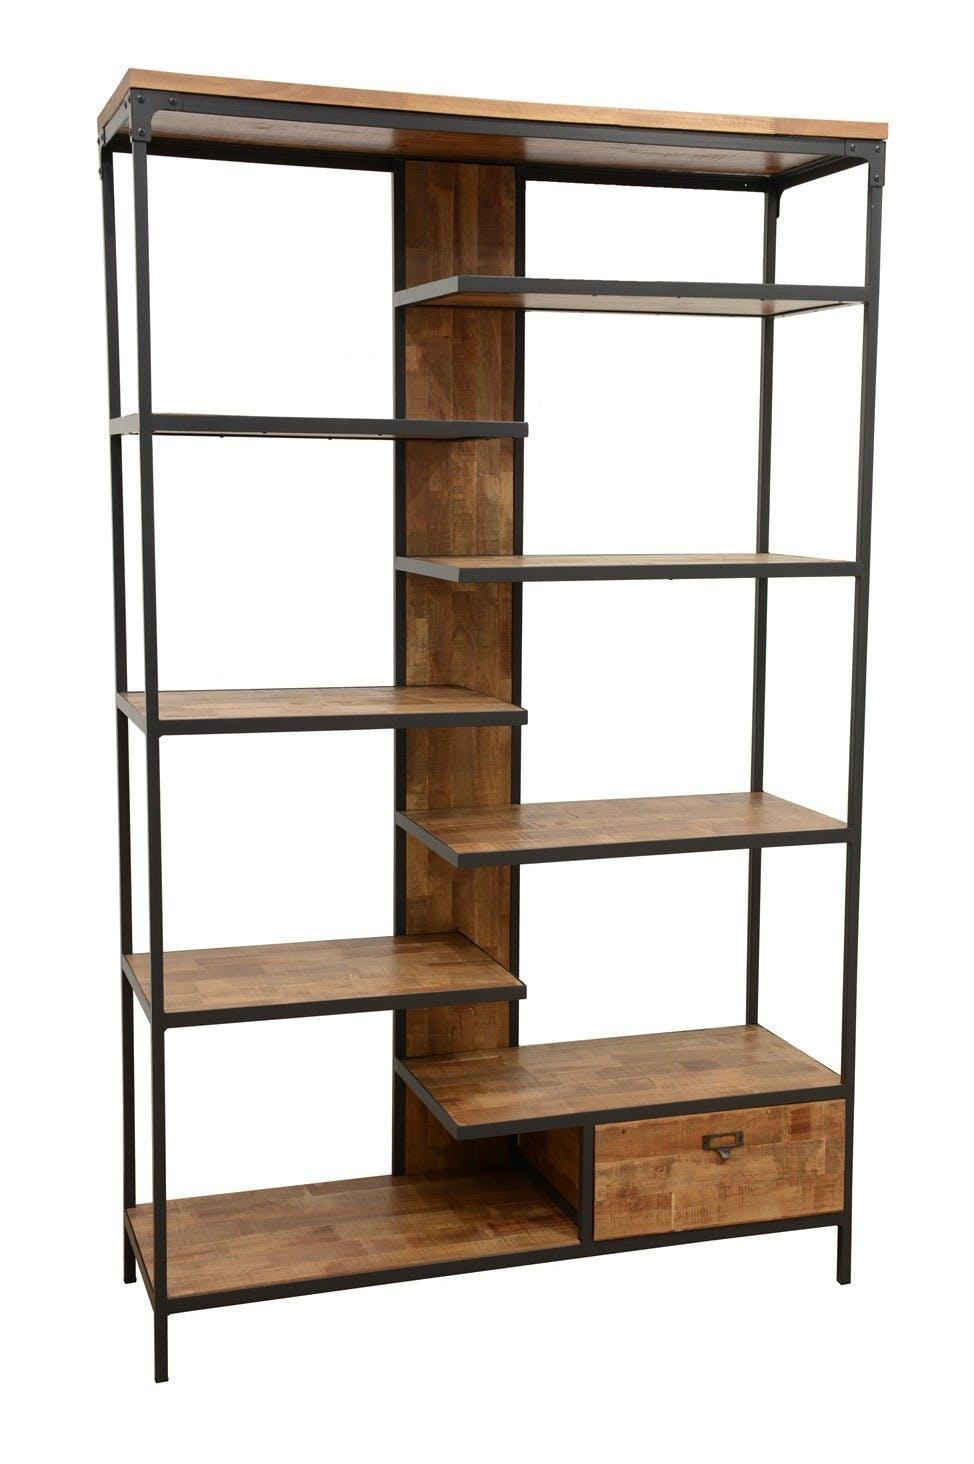 Bibliothèque 1 tiroir, 8 étages en quinconce en Hévéa recyclé naturel et métal 120x40x195cm LOFT